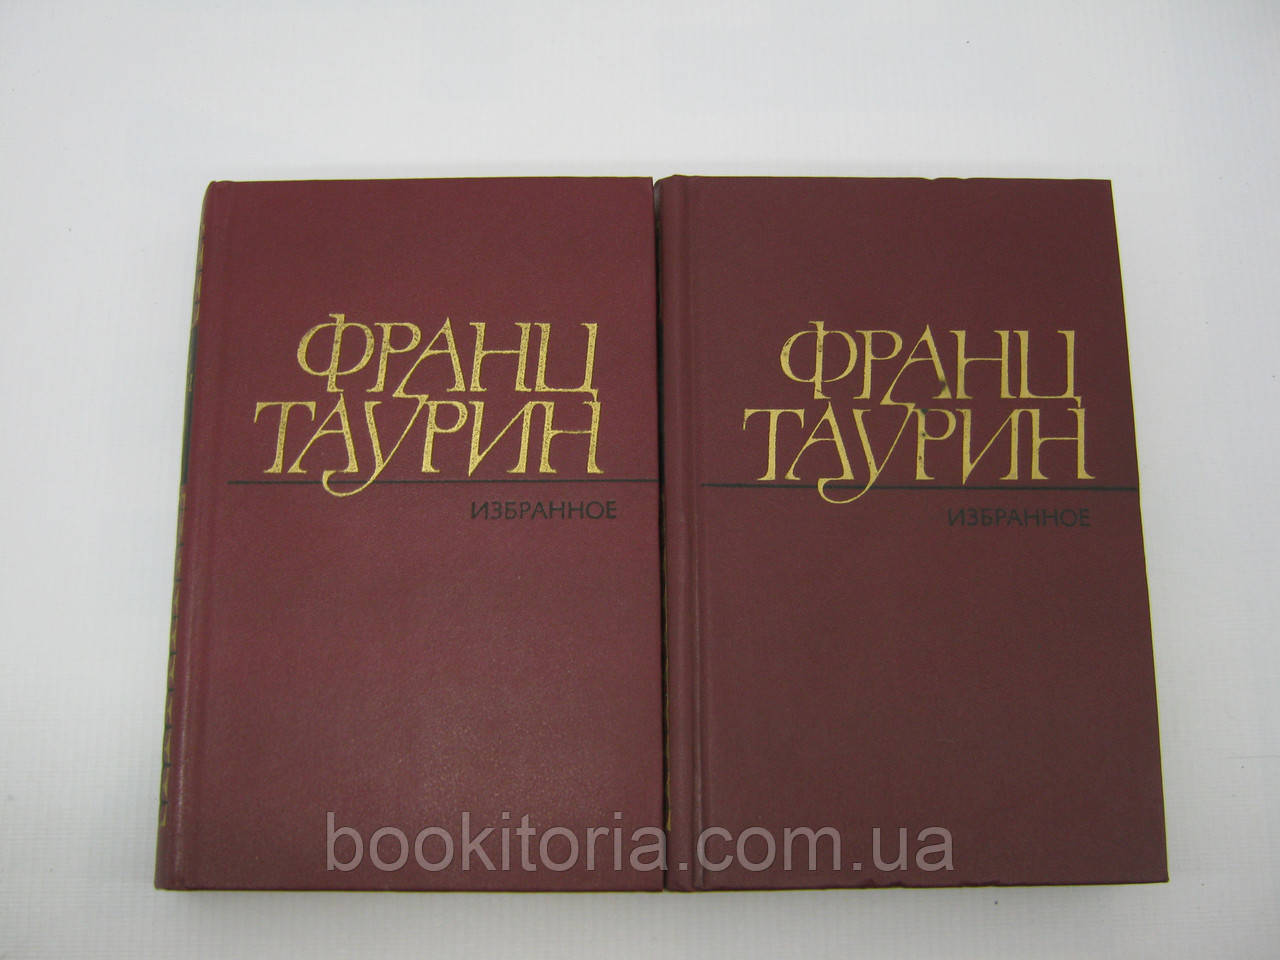 Таурин Ф. Избранные произведения. В двух (2-х) томах (б/у).